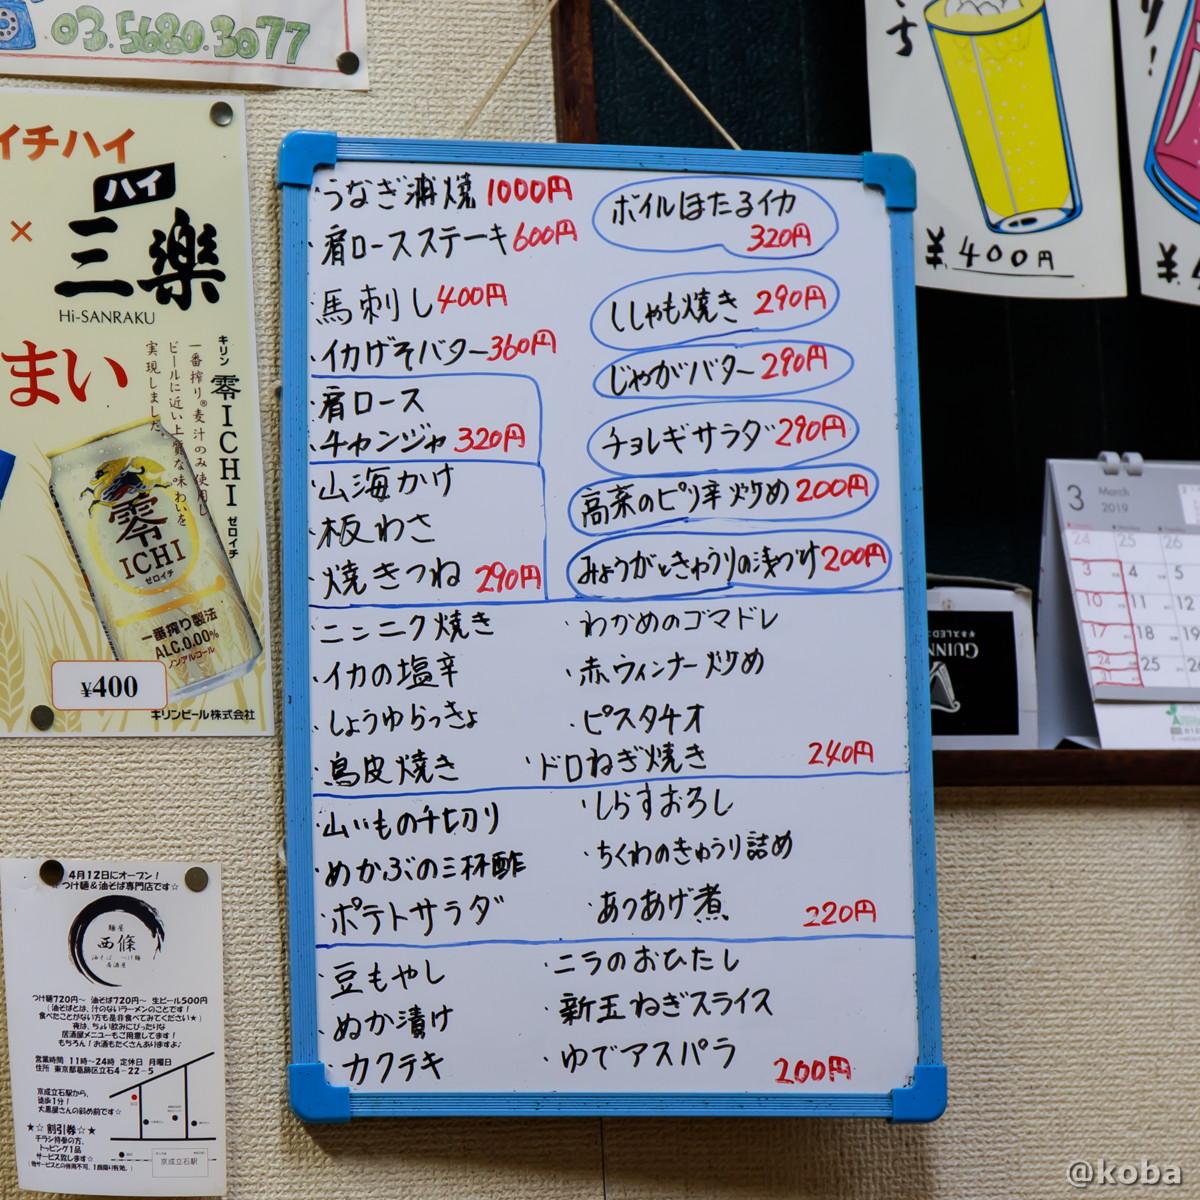 おすすめメニューの写真|居酒屋 より道|東京都葛飾区・京成青砥